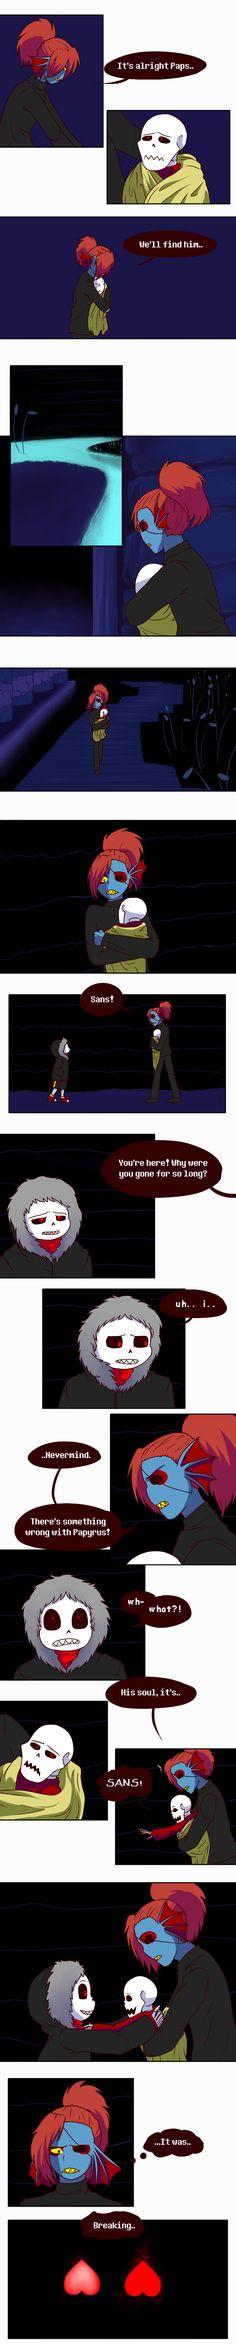 Underfell comic